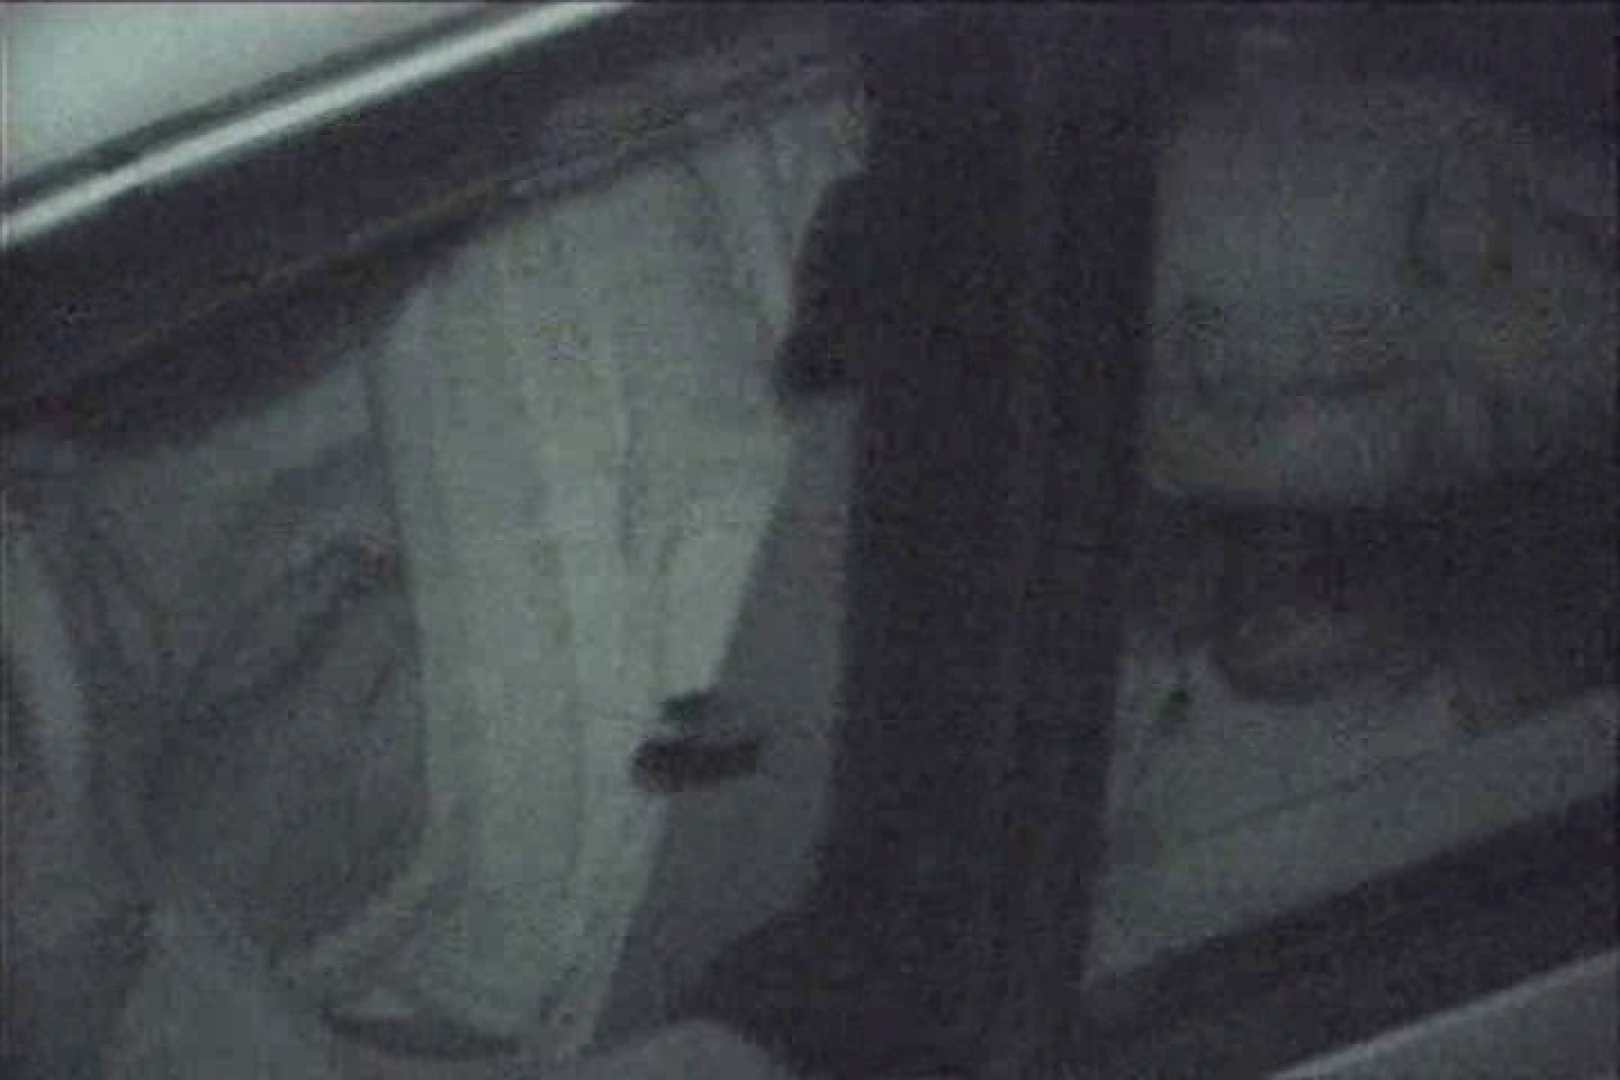 車の中はラブホテル 無修正版  Vol.16 カーセックス アダルト動画キャプチャ 52連発 52